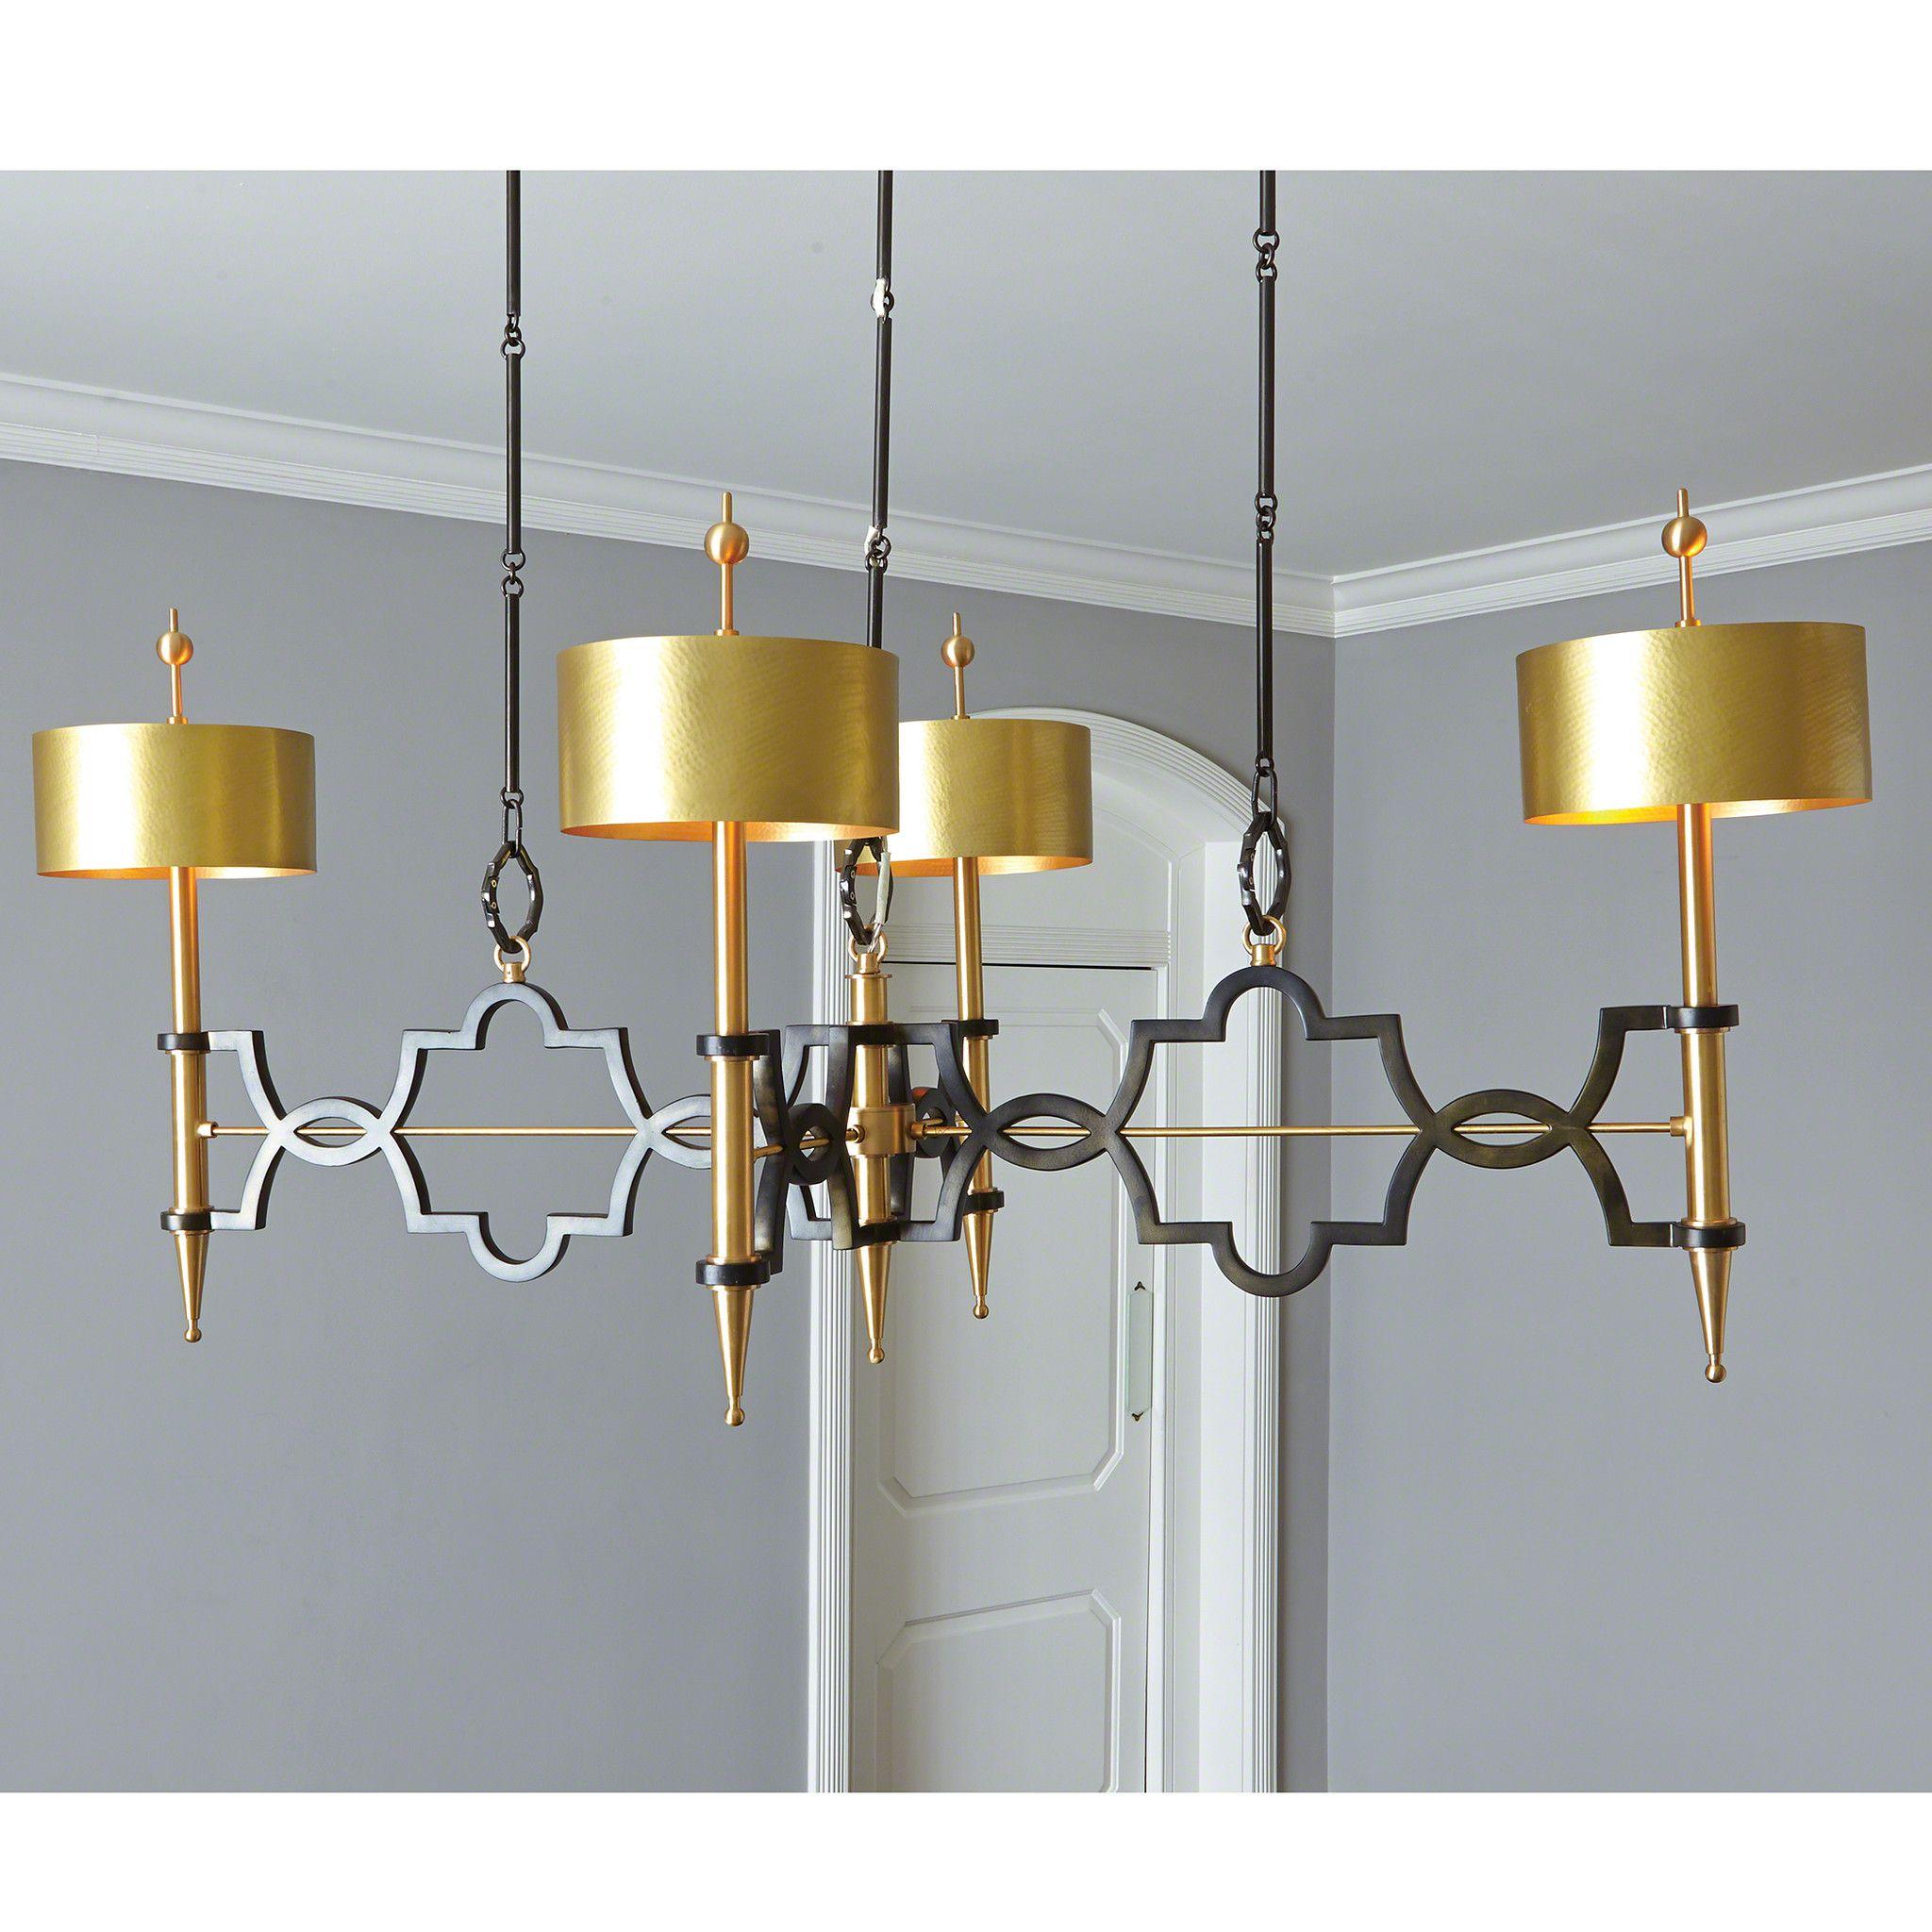 Quatrefoil pendant bronze quatrefoil pendants and epoxy quatrefoil pendant bronze arubaitofo Choice Image